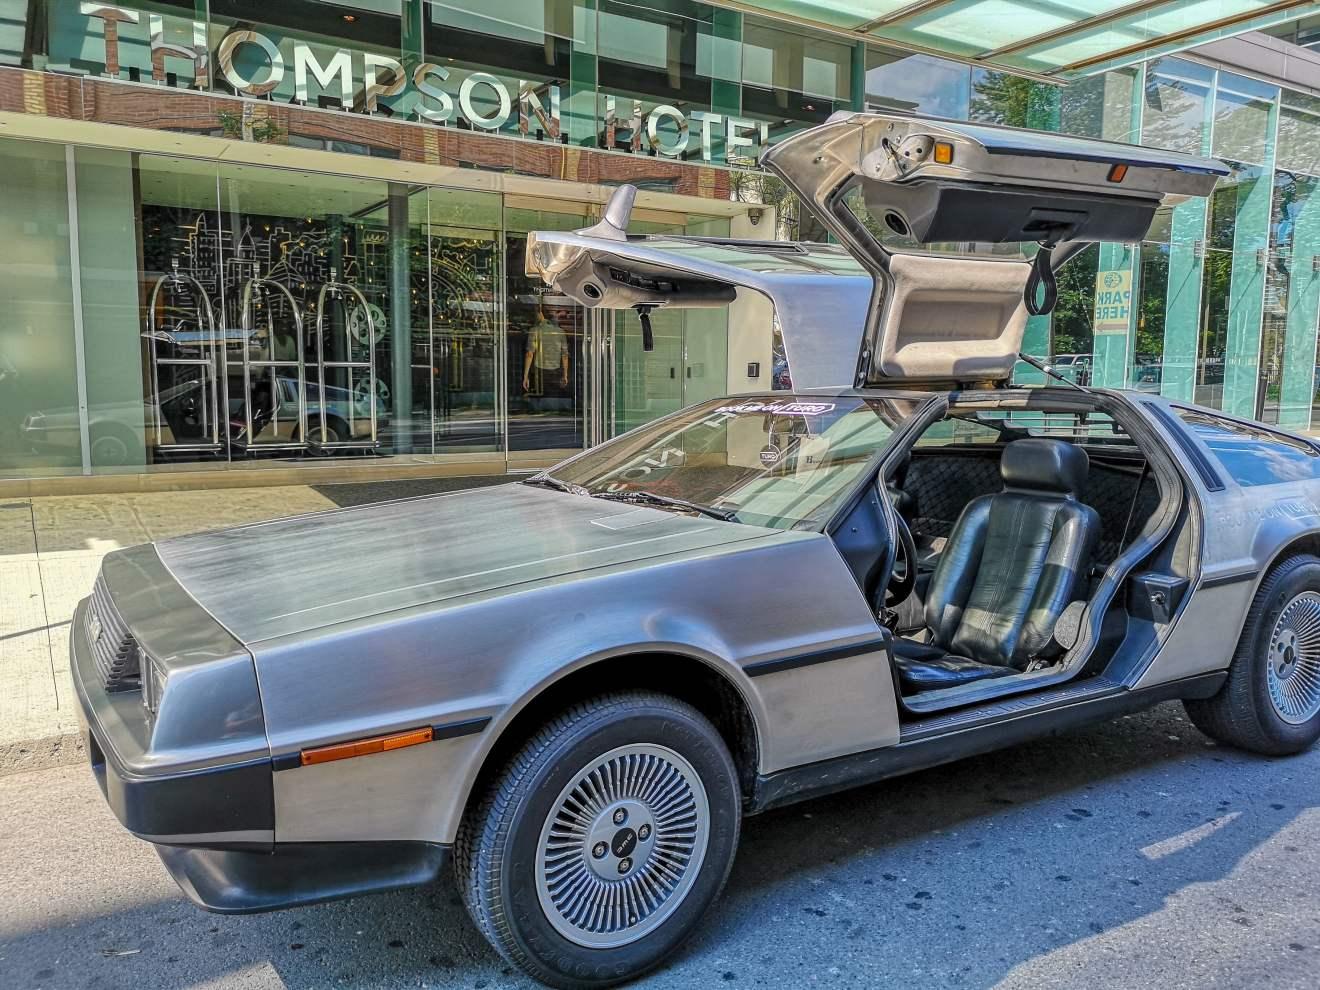 Turo's DeLorean at Bask-It-Style